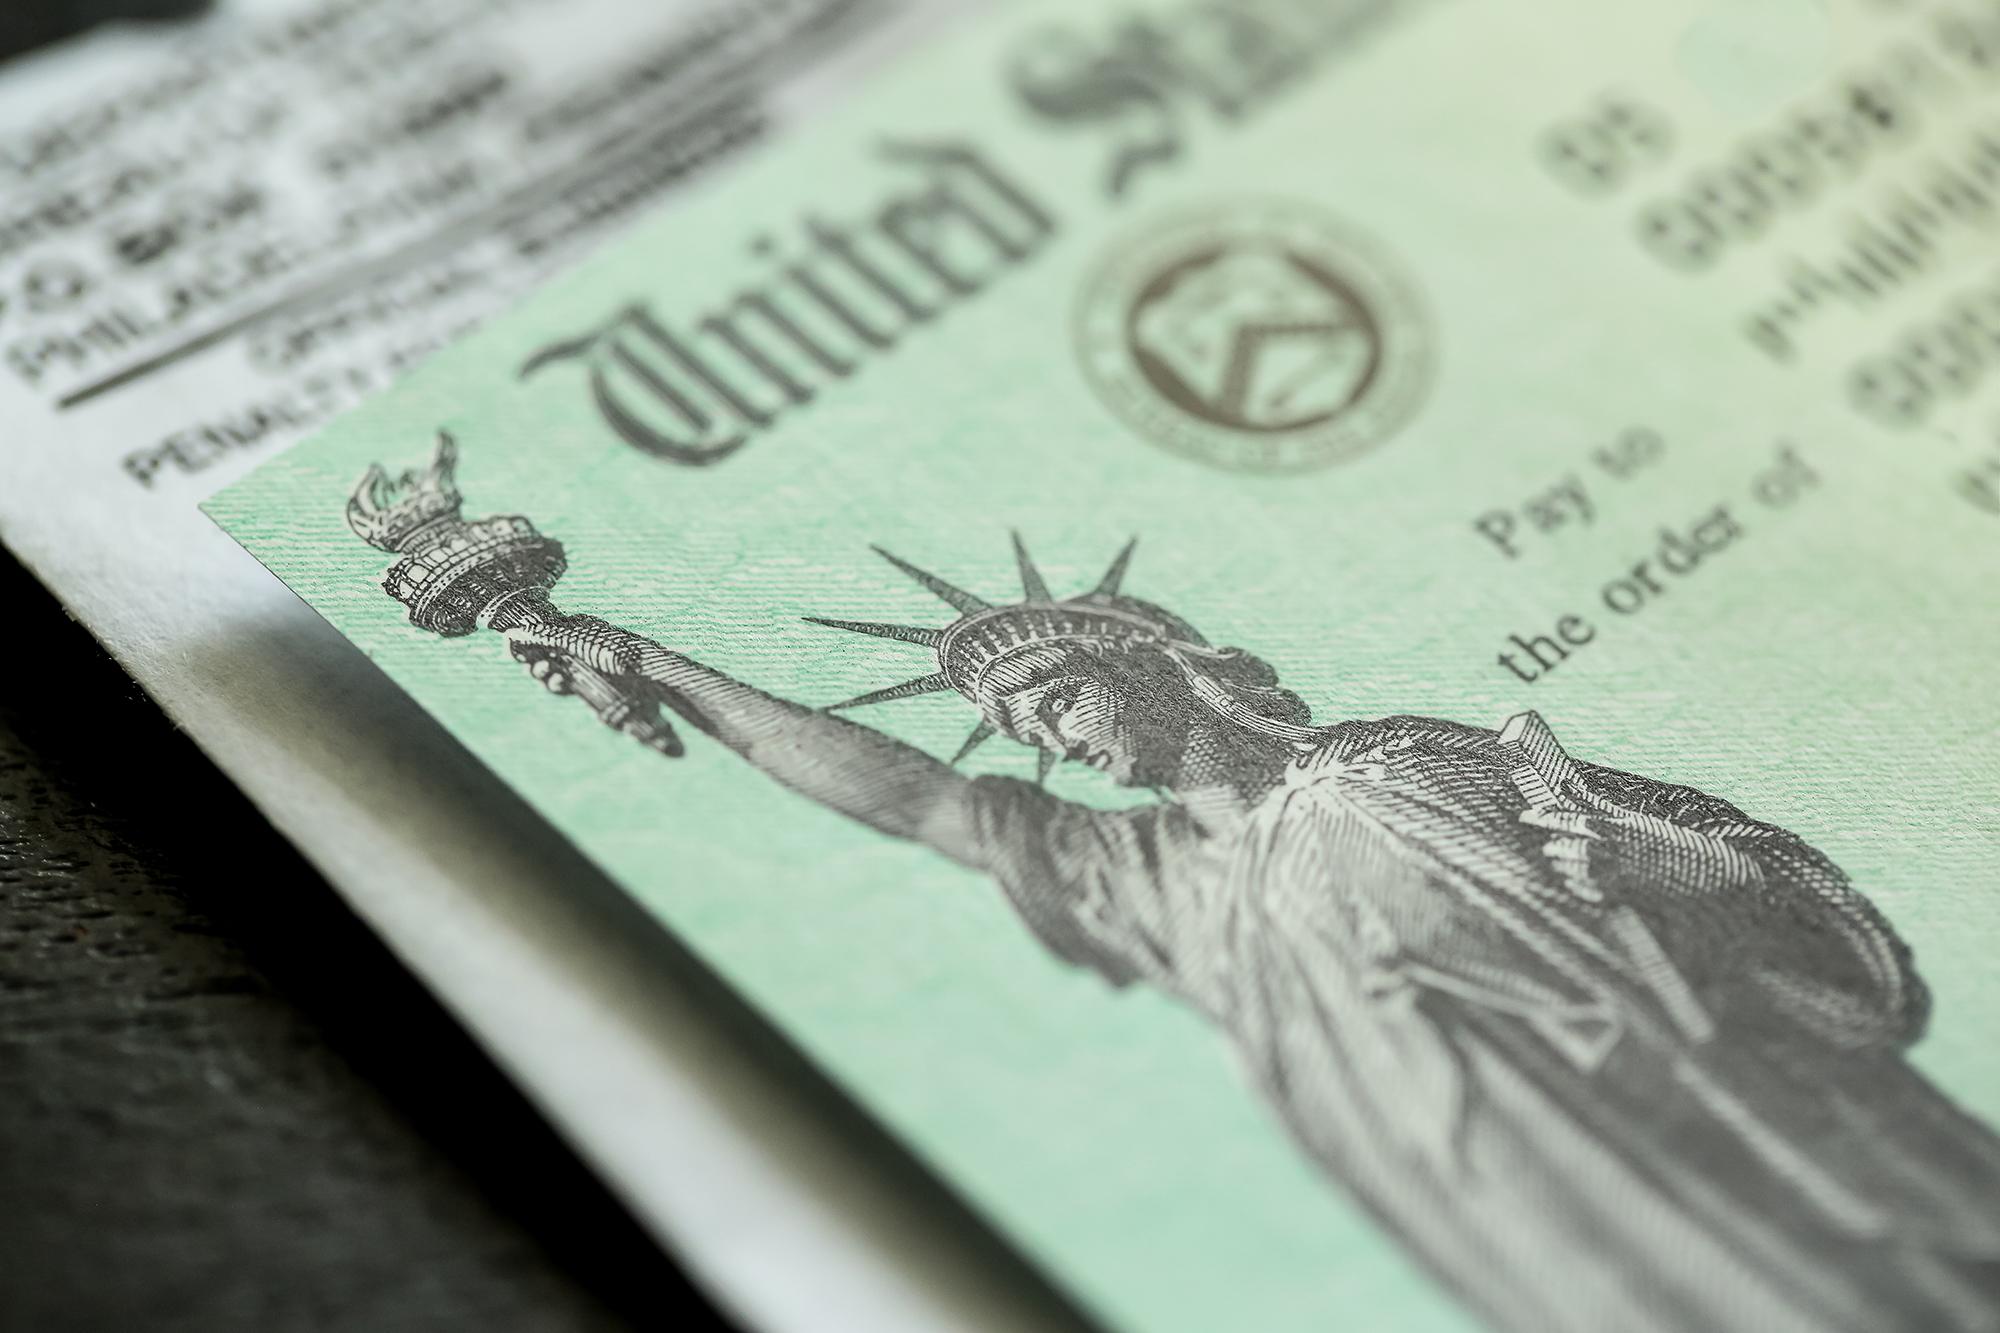 Senate bill will narrow income eligibility for $1,400 stimulus checks